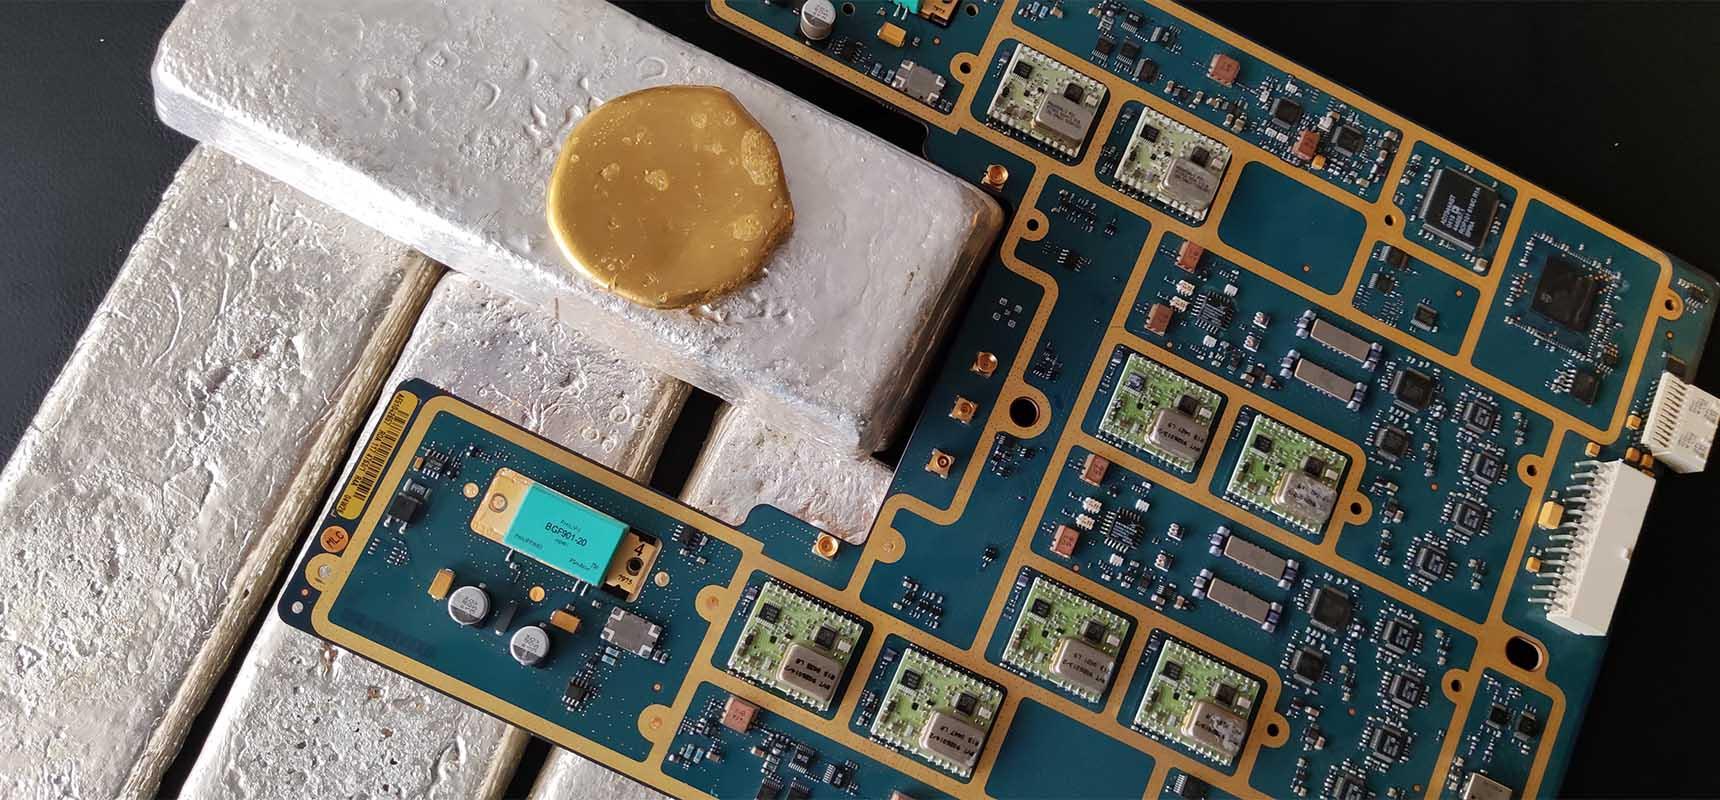 电子元器件、IC芯片集成电路、机房服务器、路由器、主板、CPU、内存条、硬盘、笔记本电脑集中批量回收